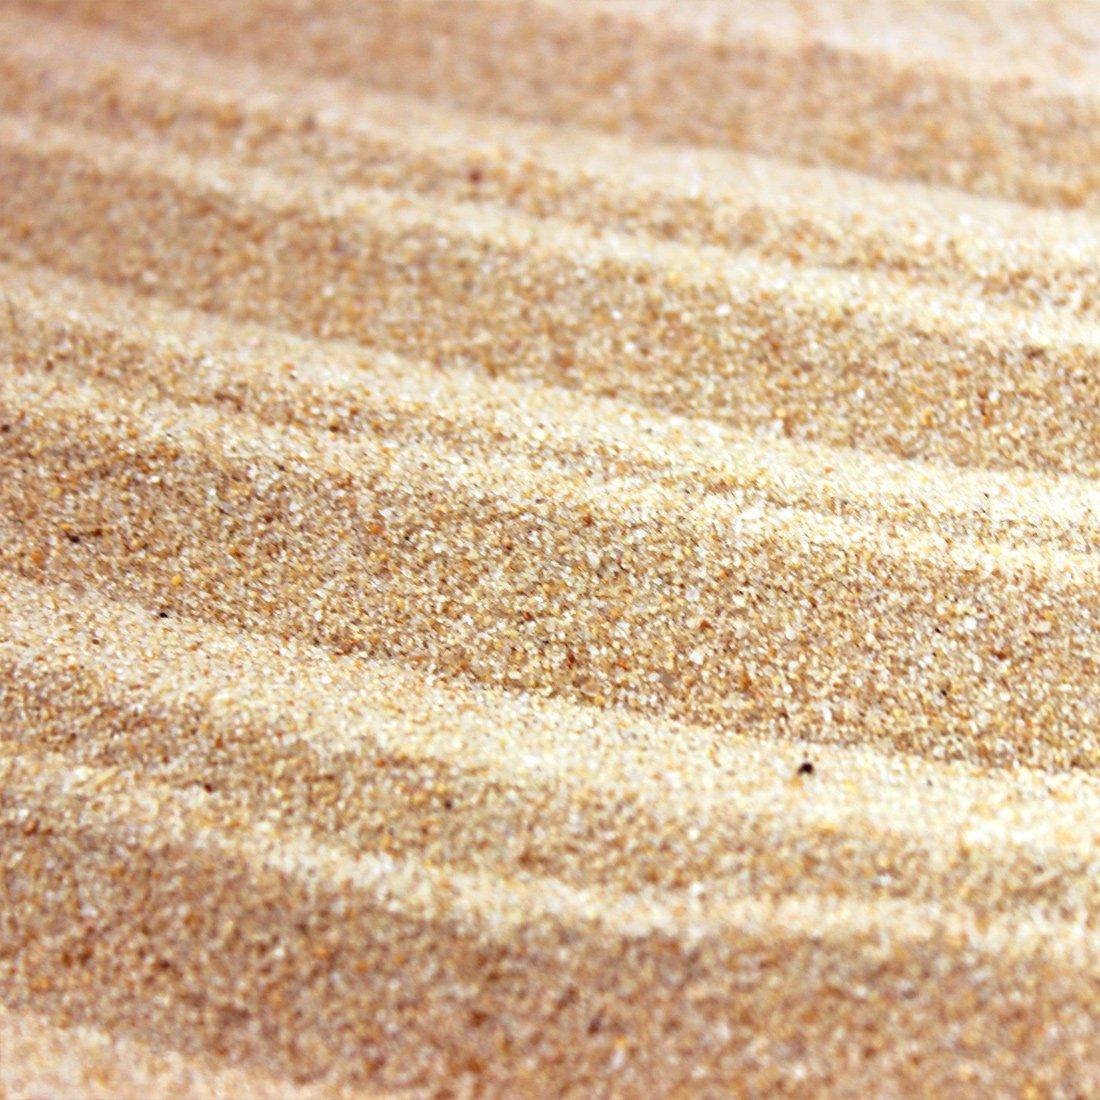 砂場用乾燥砂 さらさらあそび砂【ブラウン】 20kg(13.3L)×20袋【400kg】 B06XX6KZ3T   400kg